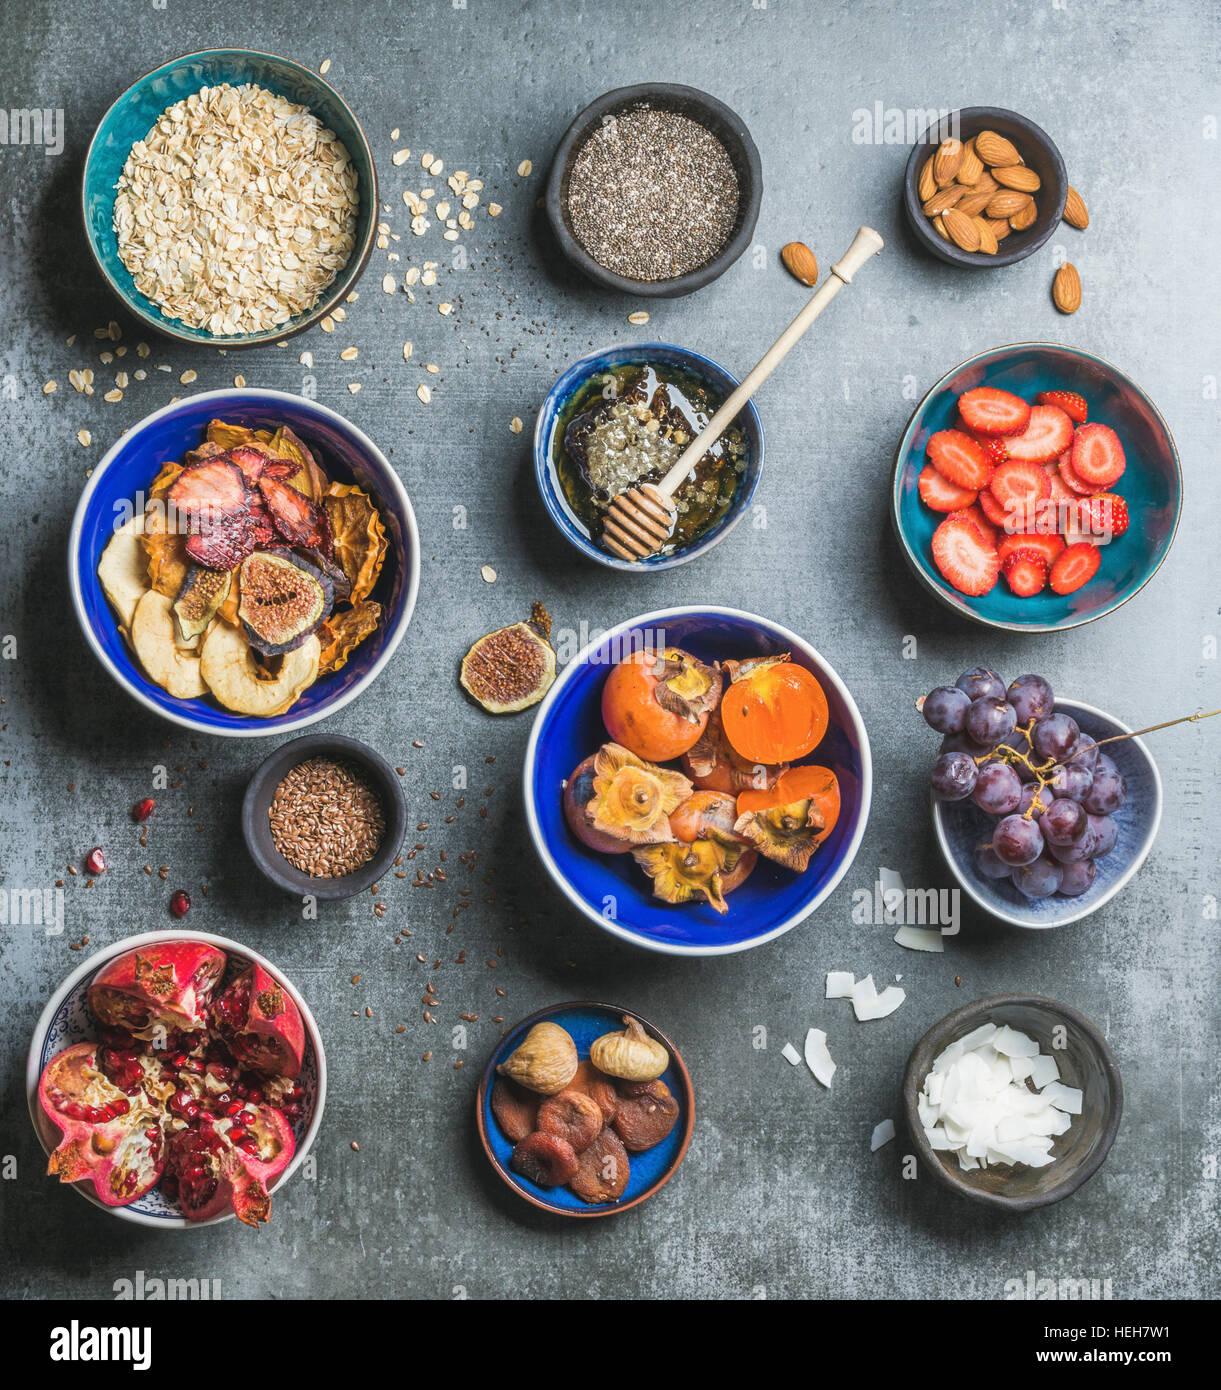 Ingredientes para un desayuno saludable sobre fondo de piedra gris, vista superior, cuadrado de cultivo. Frutas Foto de stock